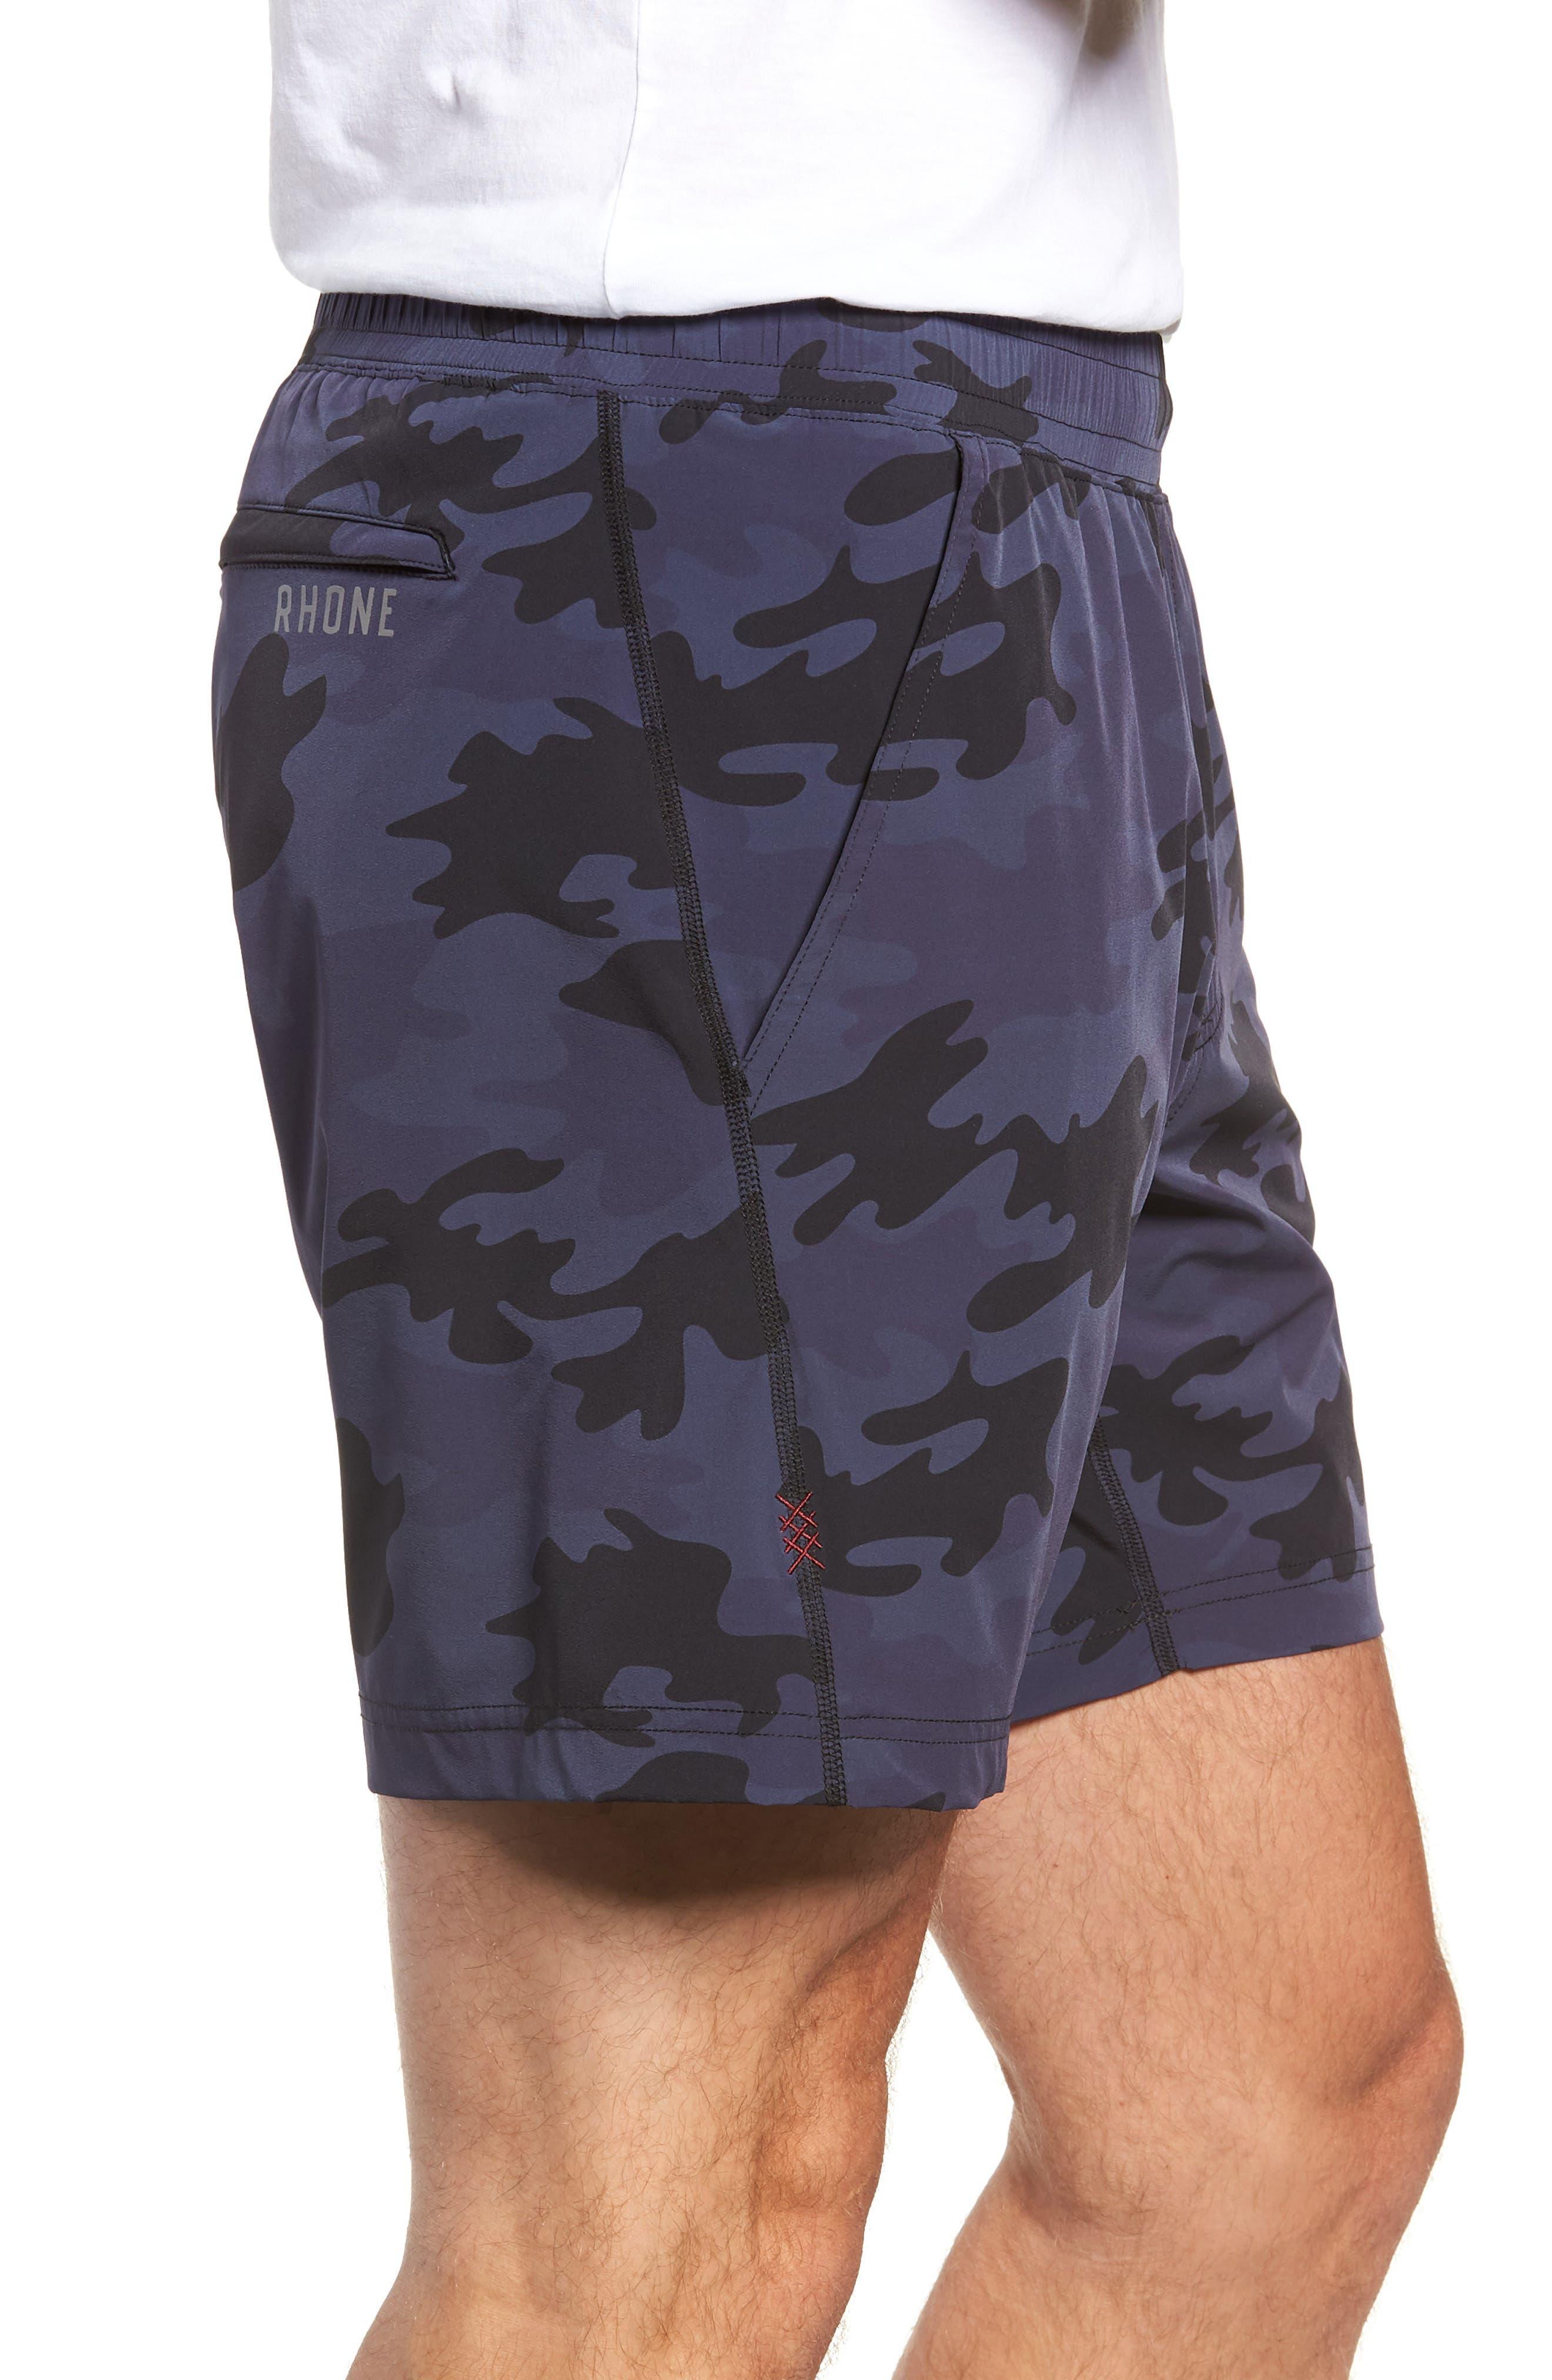 Mako Training Shorts,                             Alternate thumbnail 3, color,                             NAVY CAMO